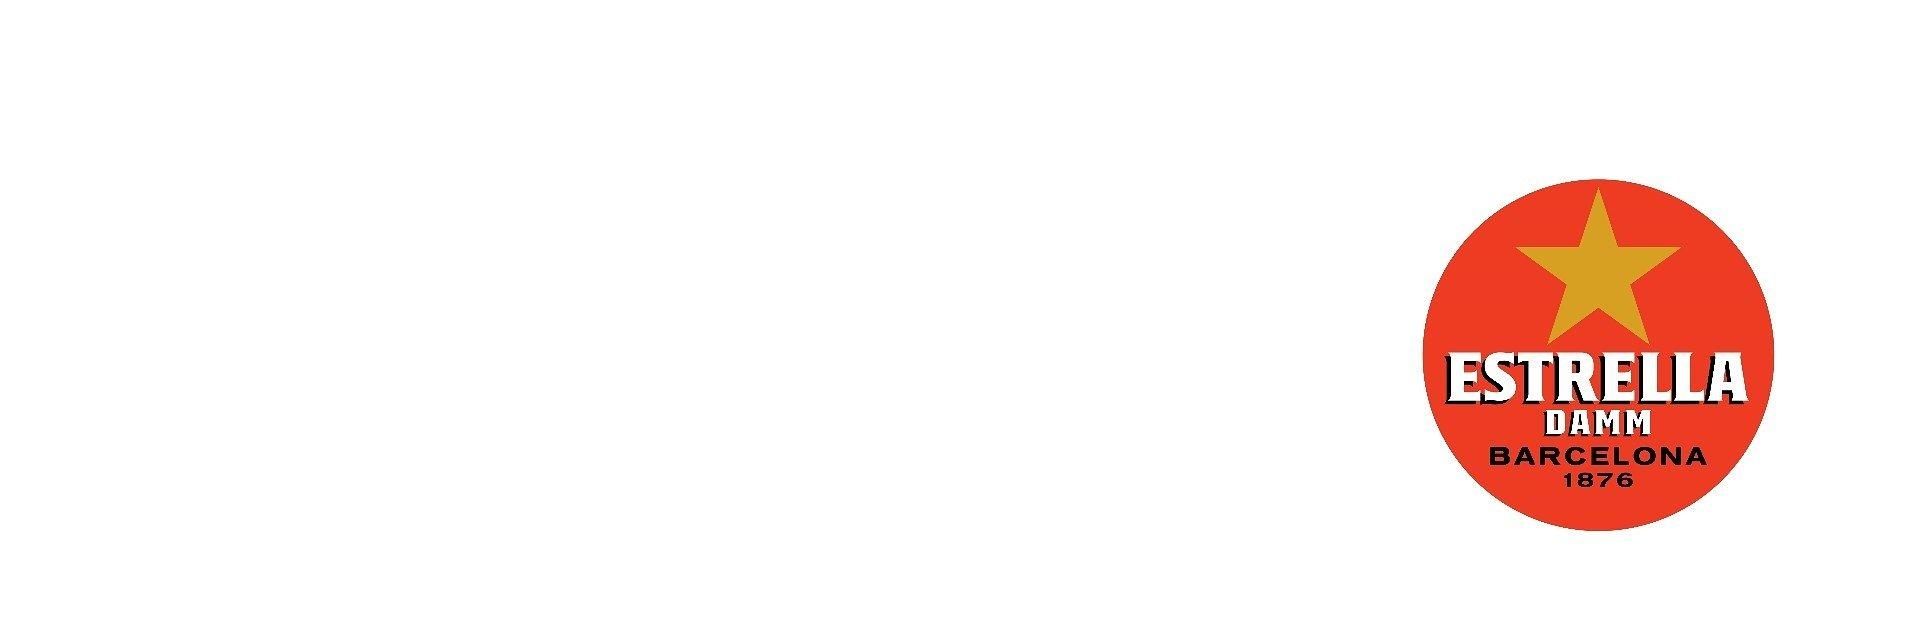 Arkhe é o Destaque do Ano da Estrella Damm nos Prémios Mesa Marcada